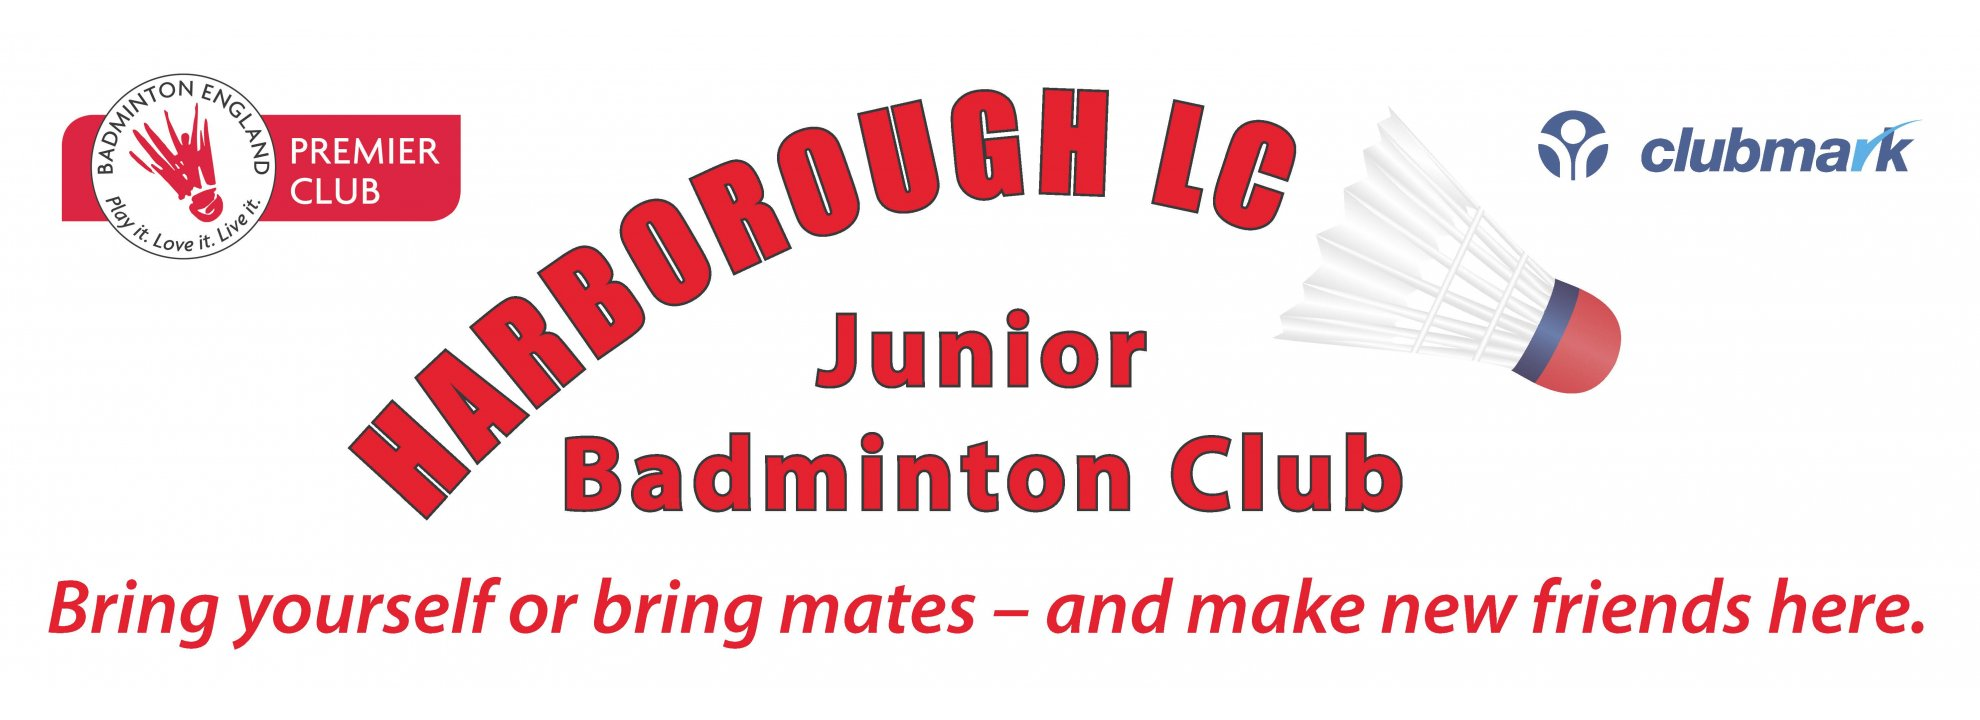 Harborough LC Junior Badminton Club -